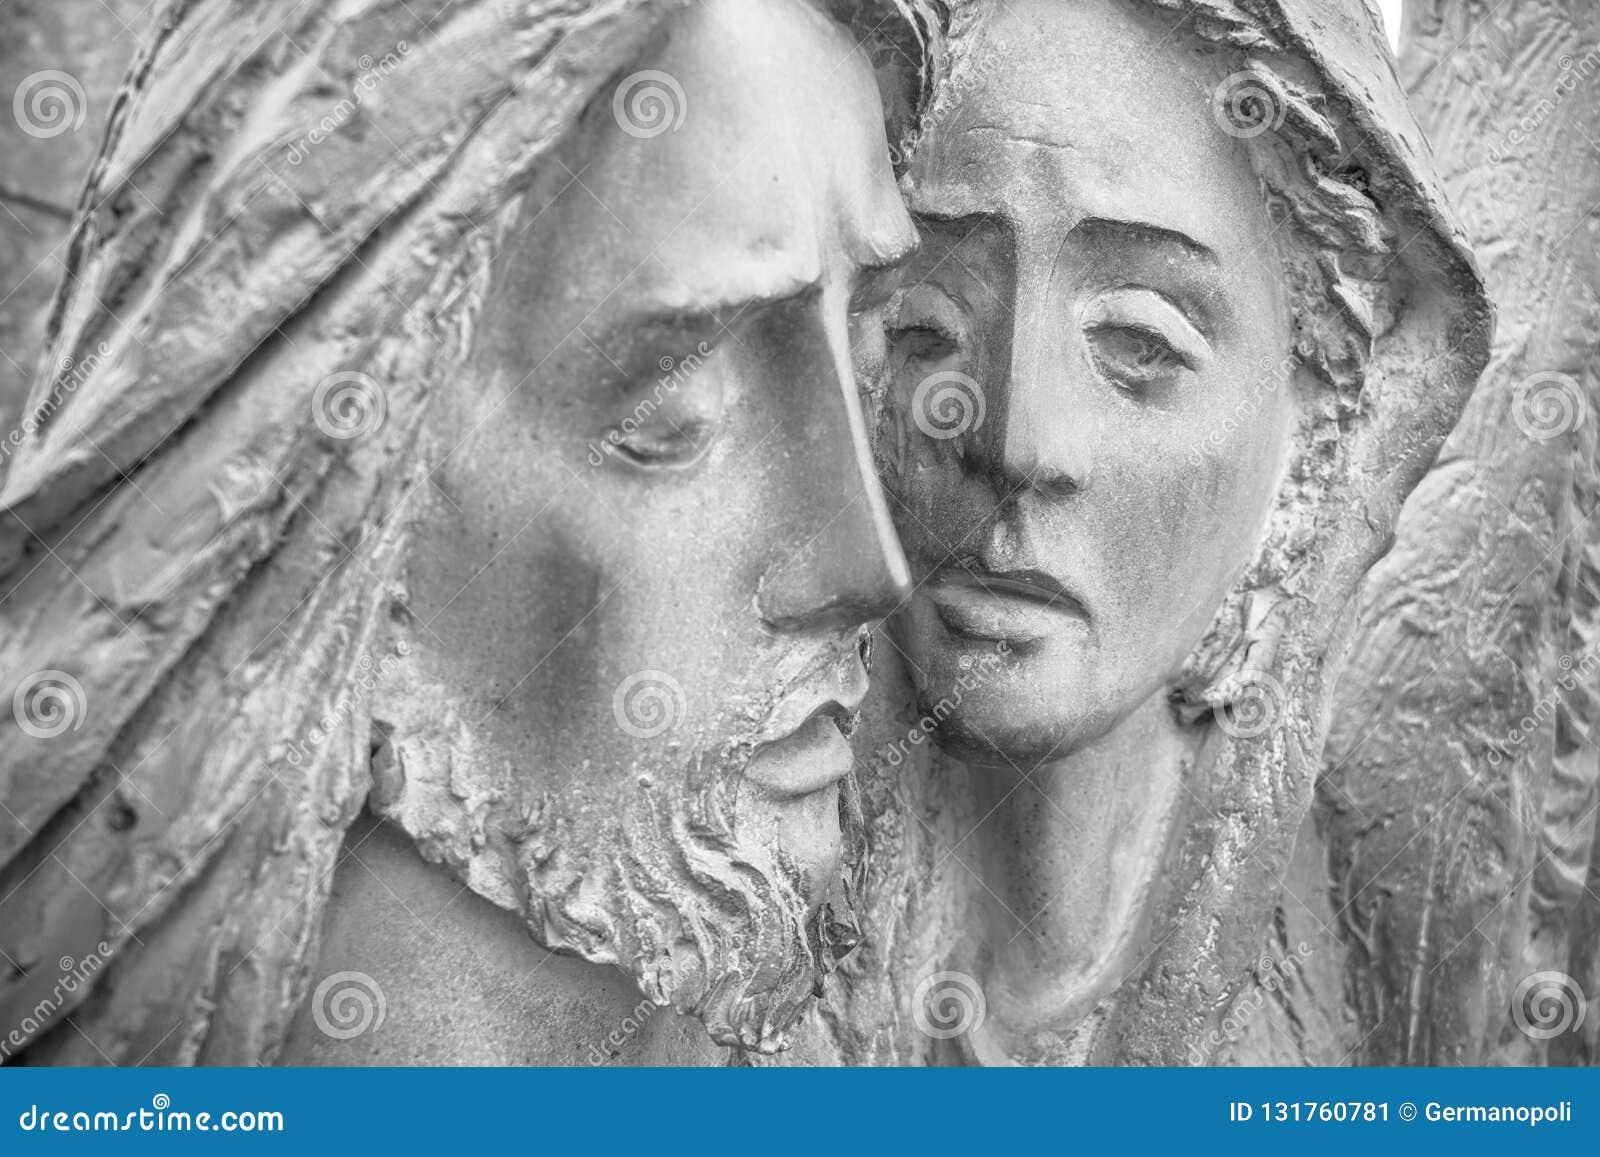 Bas-ανακούφιση στο χαλκό που αντιπροσωπεύει τον οίκτο Michelangelo